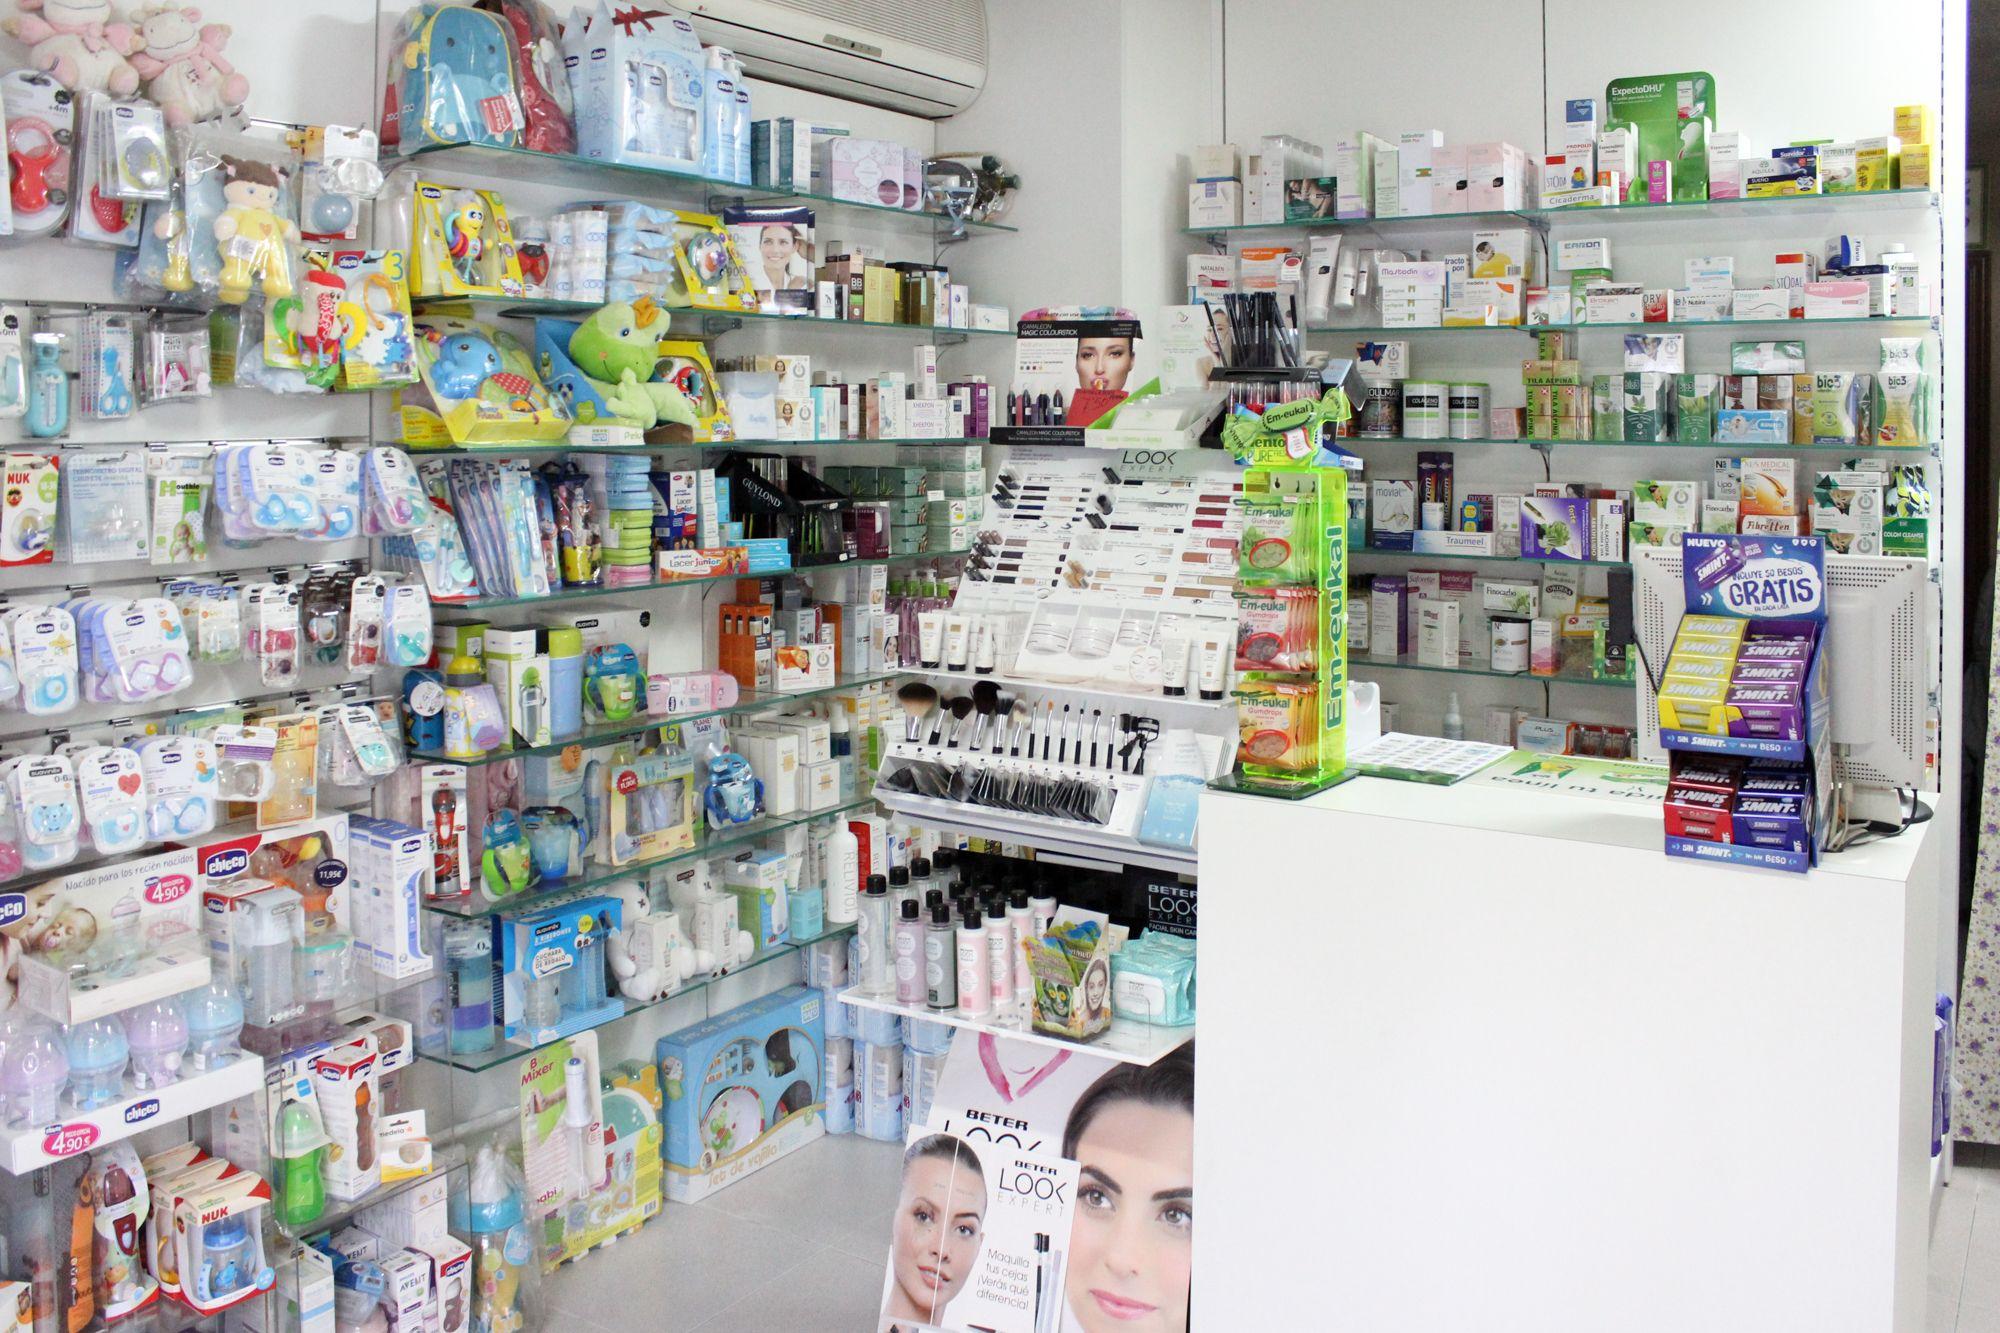 Foto 7 de Farmacias en Quijorna | Farmacia Mª Teresa Lobo